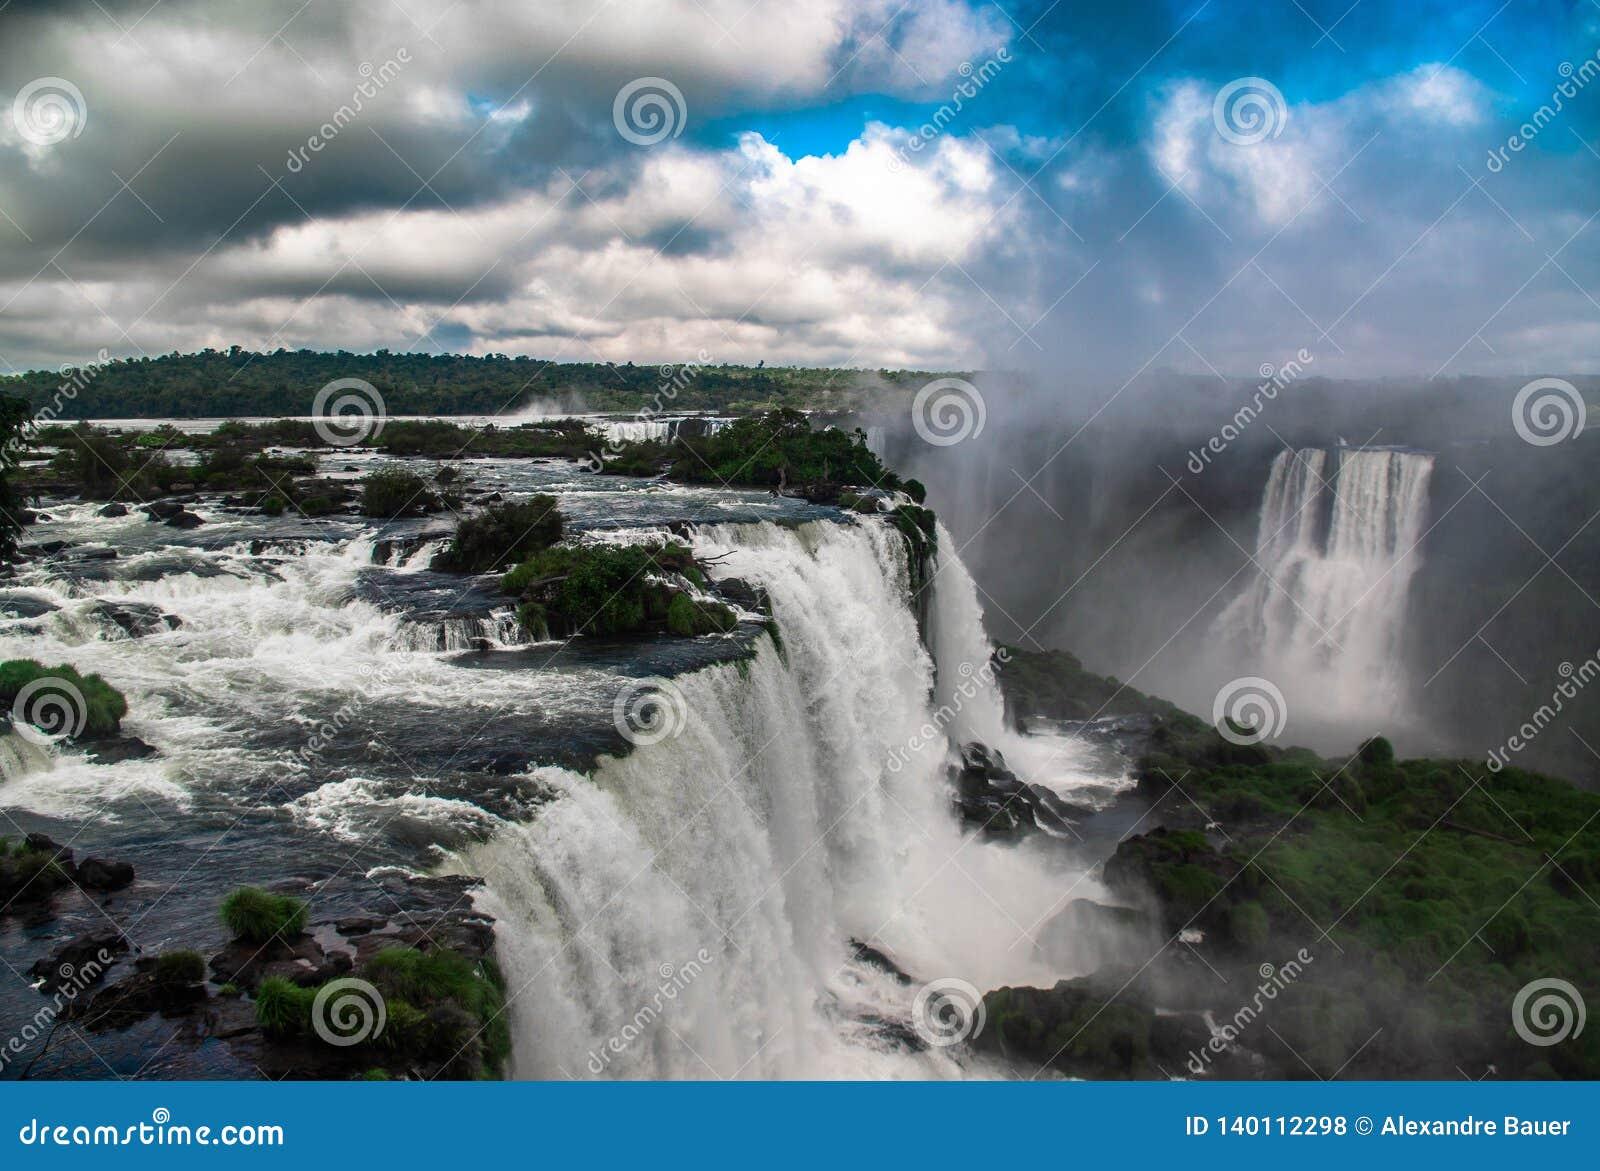 Iguazudalingen, Braziliaanse kant